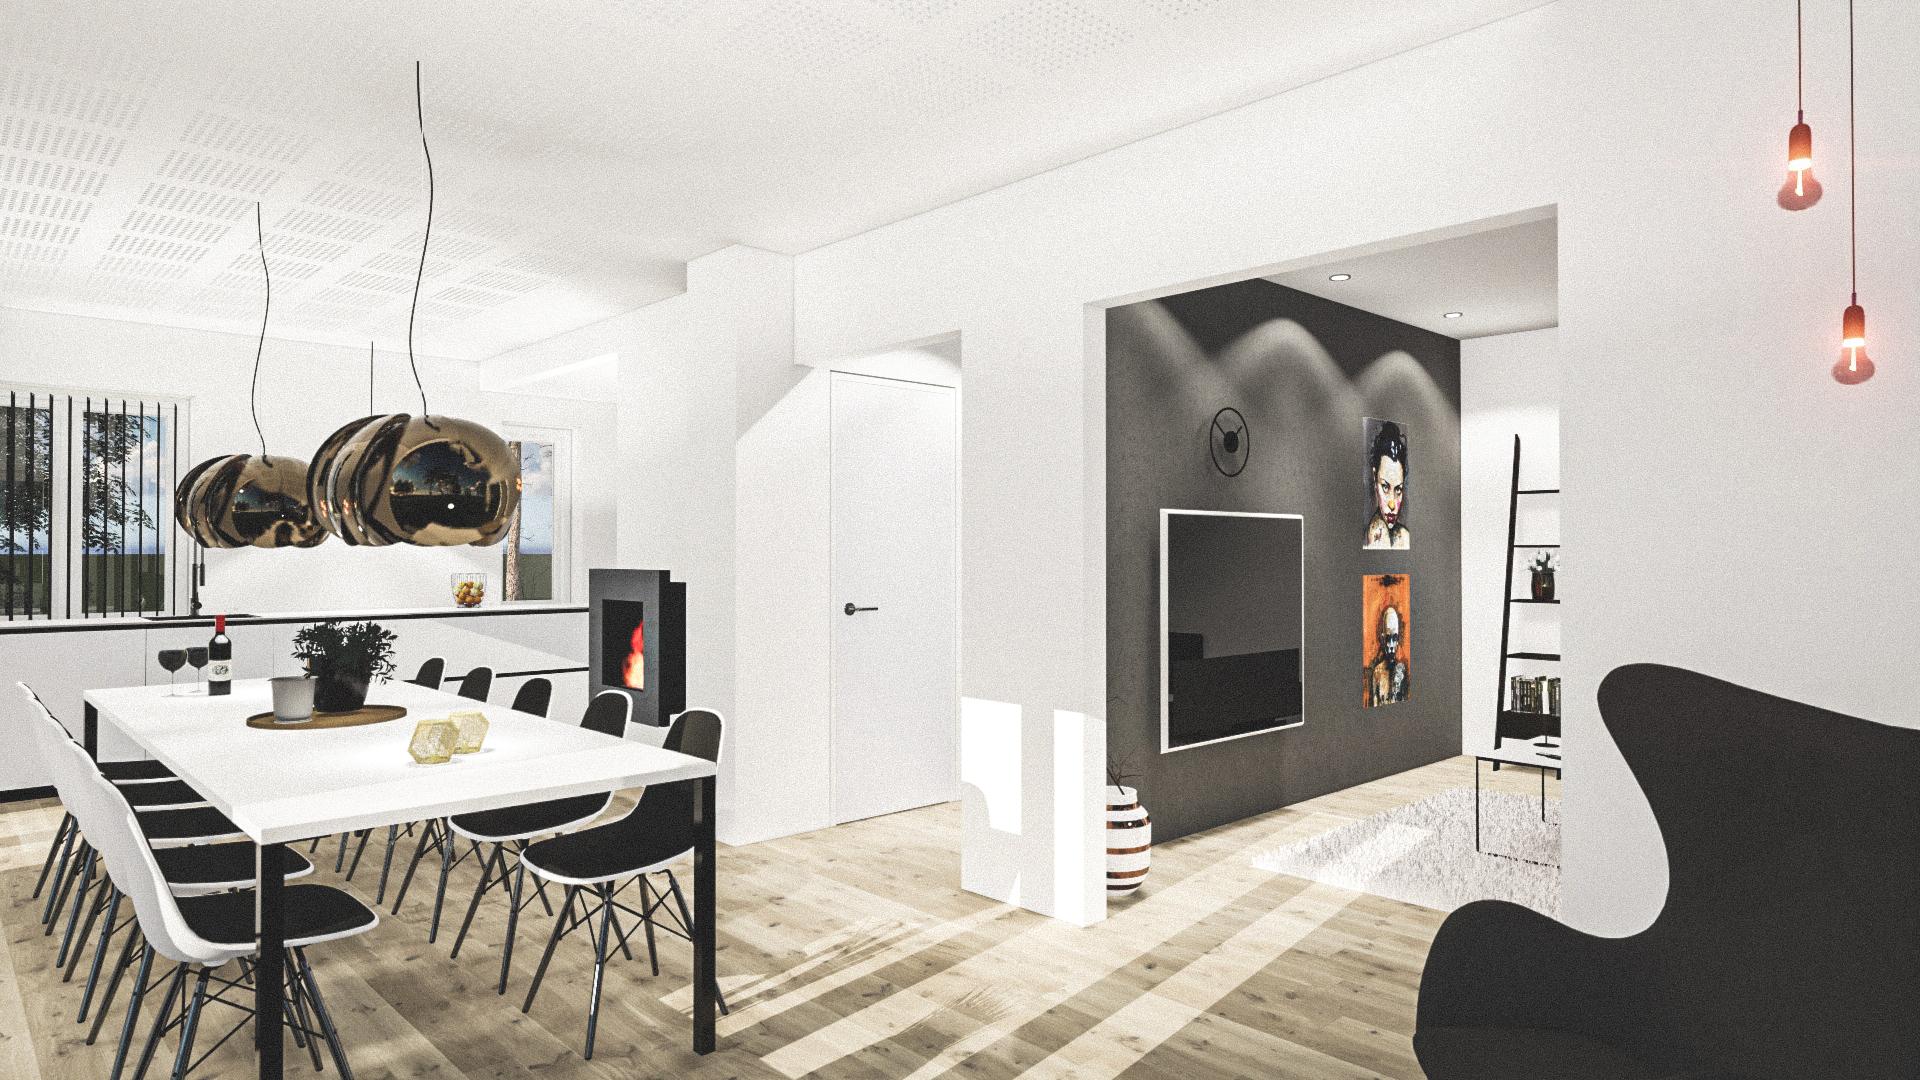 Billede af Dansk arkitekttegnet 1 plan villa af arkitektfirmaet m2plus, i Frederiksund på 225 kvartratmeter.